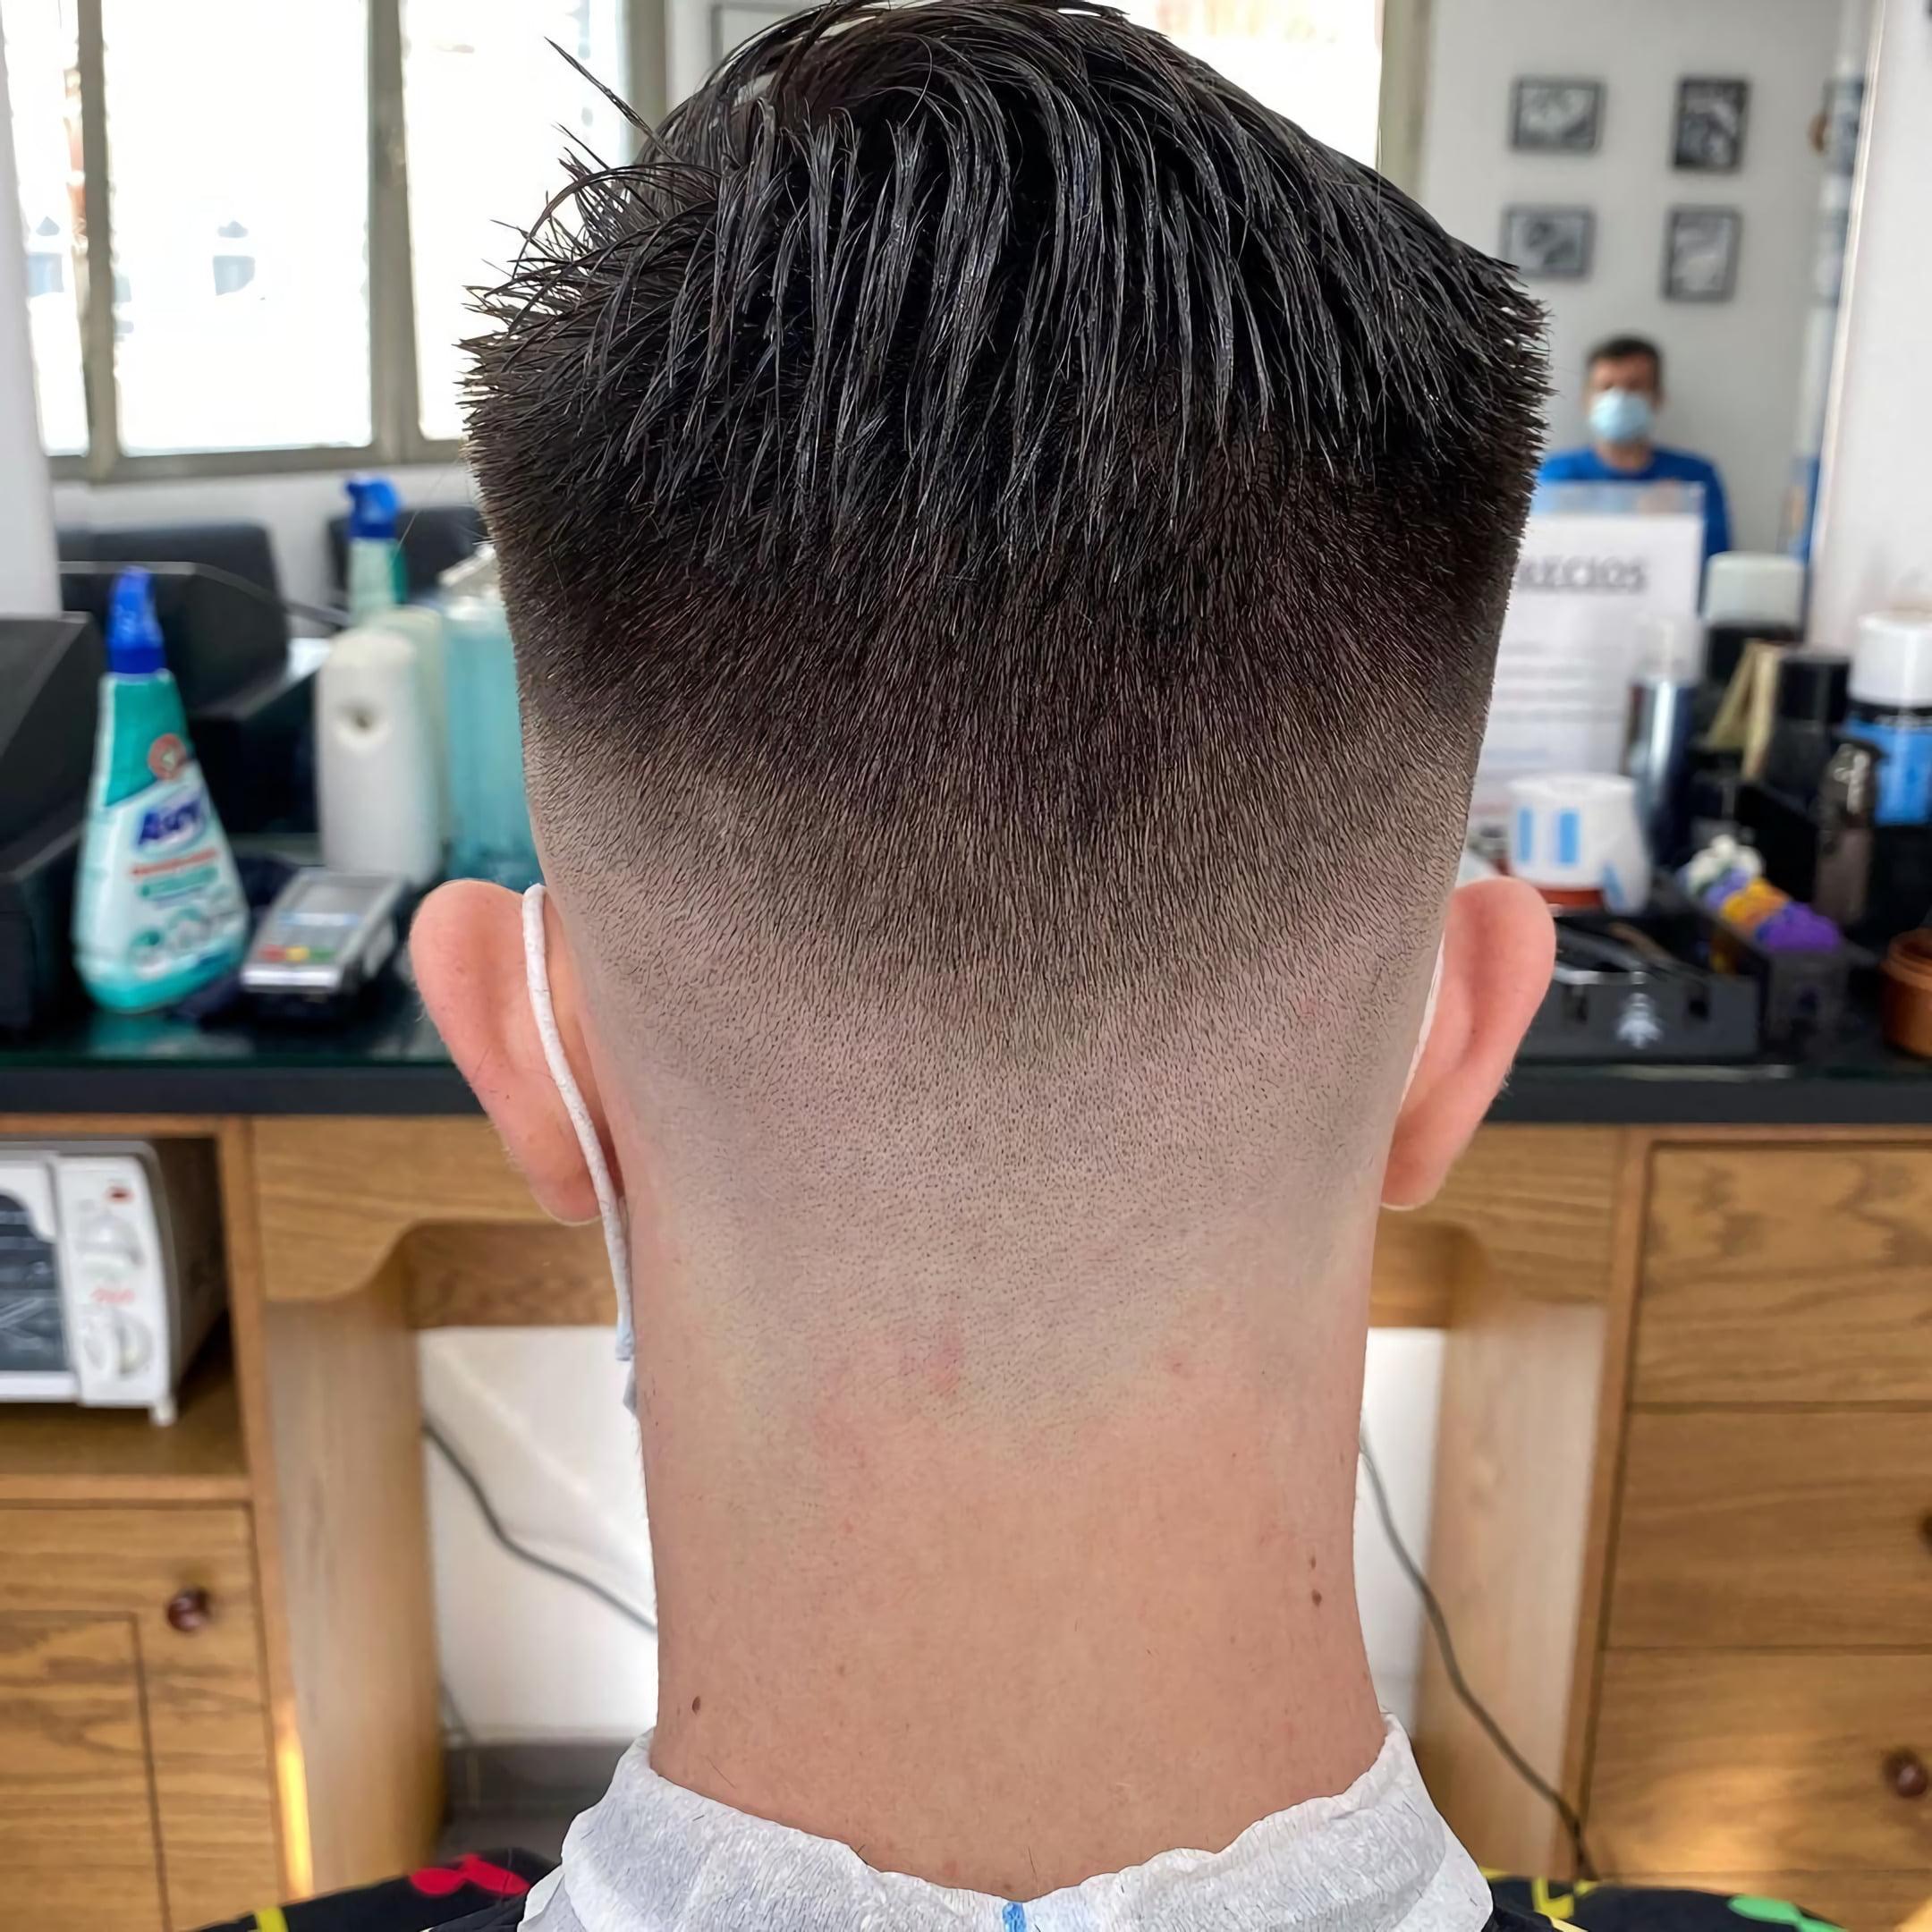 Фейд с причесанными назад волосами